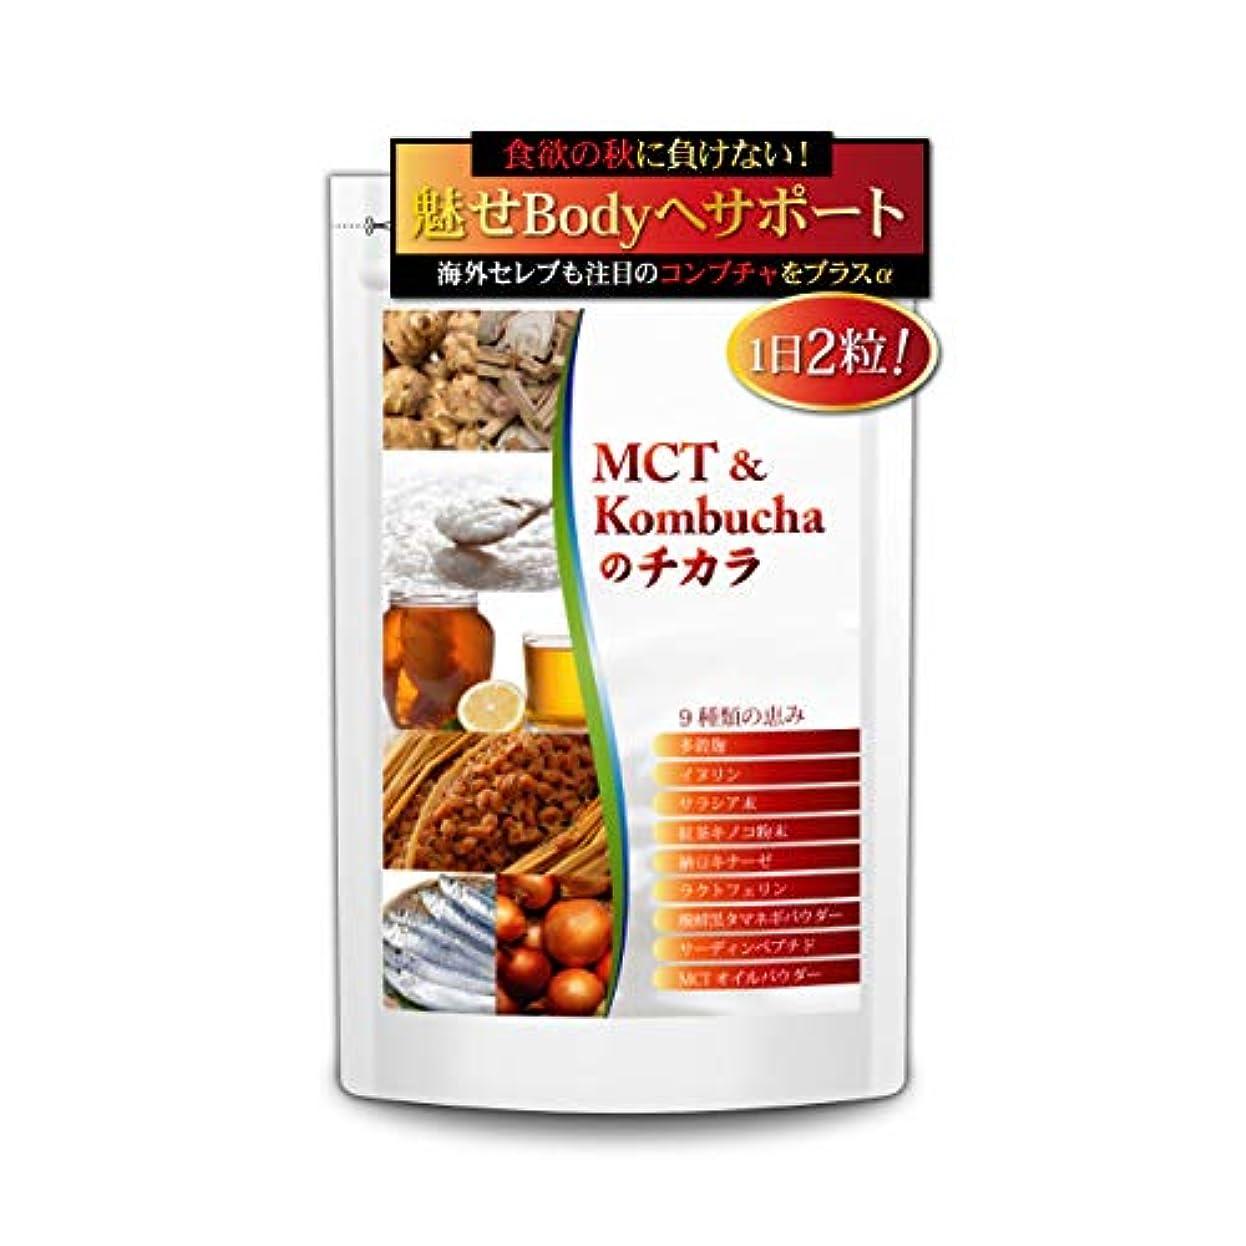 有罪民兵グラフィックMCT&Kombuchaのチカラ コンブチャ 麹 MCTオイル ダイエット サプリメント 60粒?約30日分